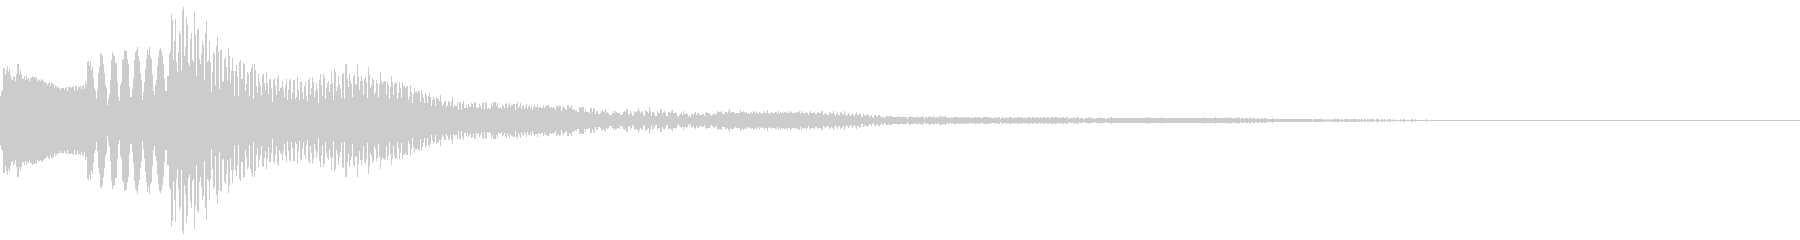 ピロリン 爽やかなプッシュ音の未再生の波形